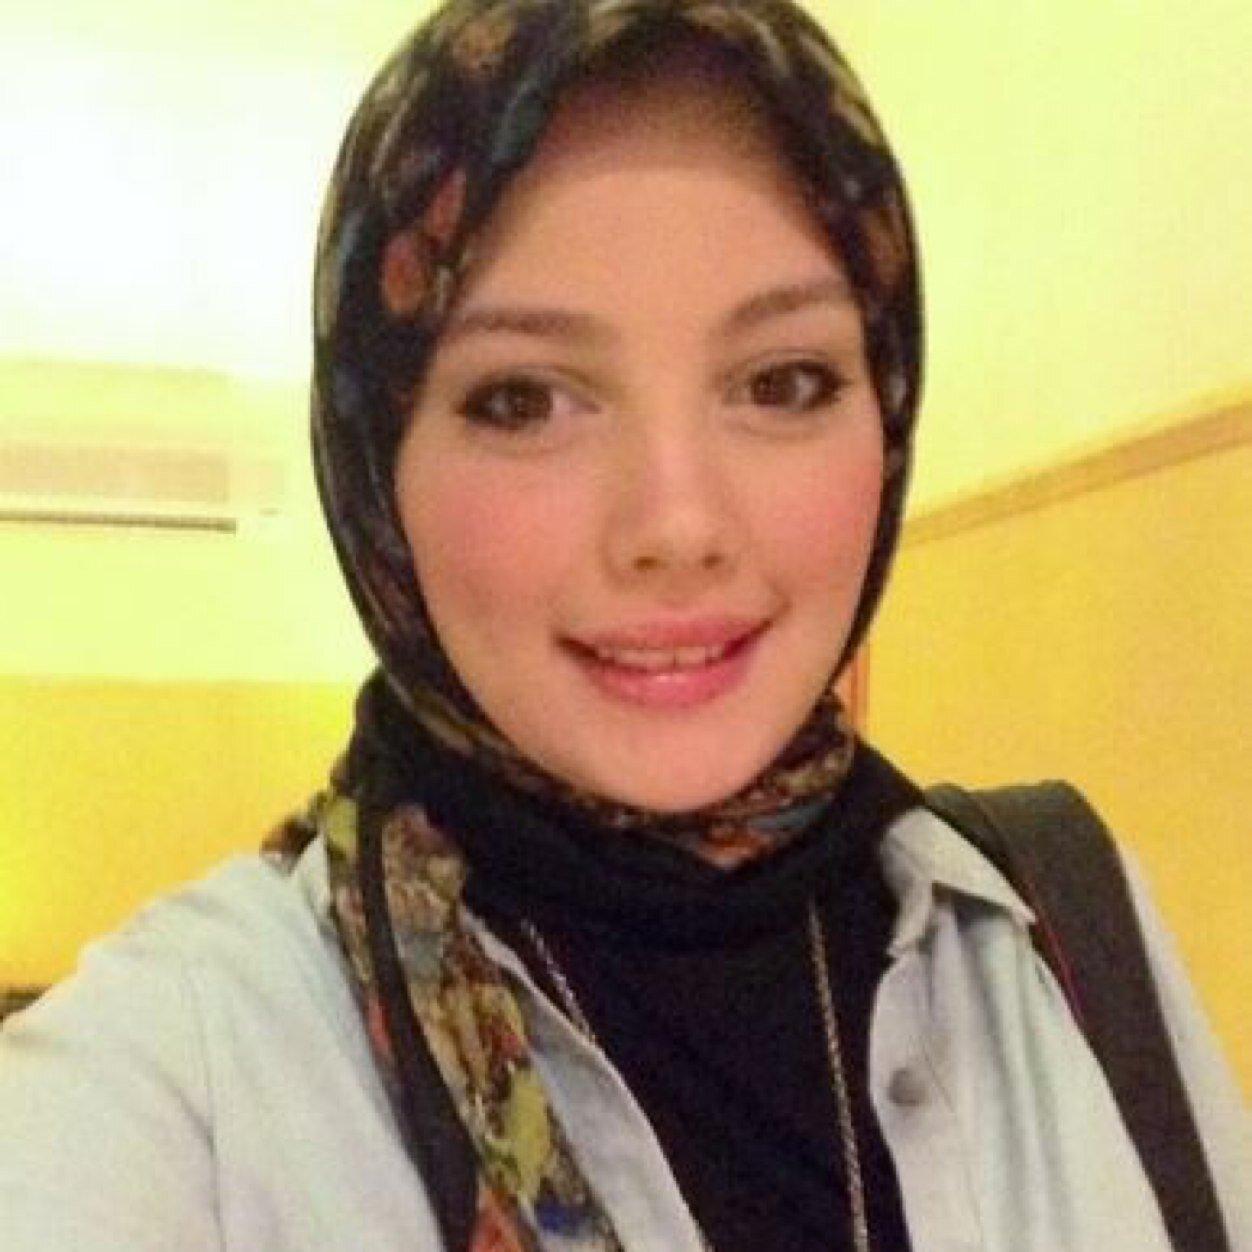 بالصور بنات ليبيات , اجمل بنات ليبية